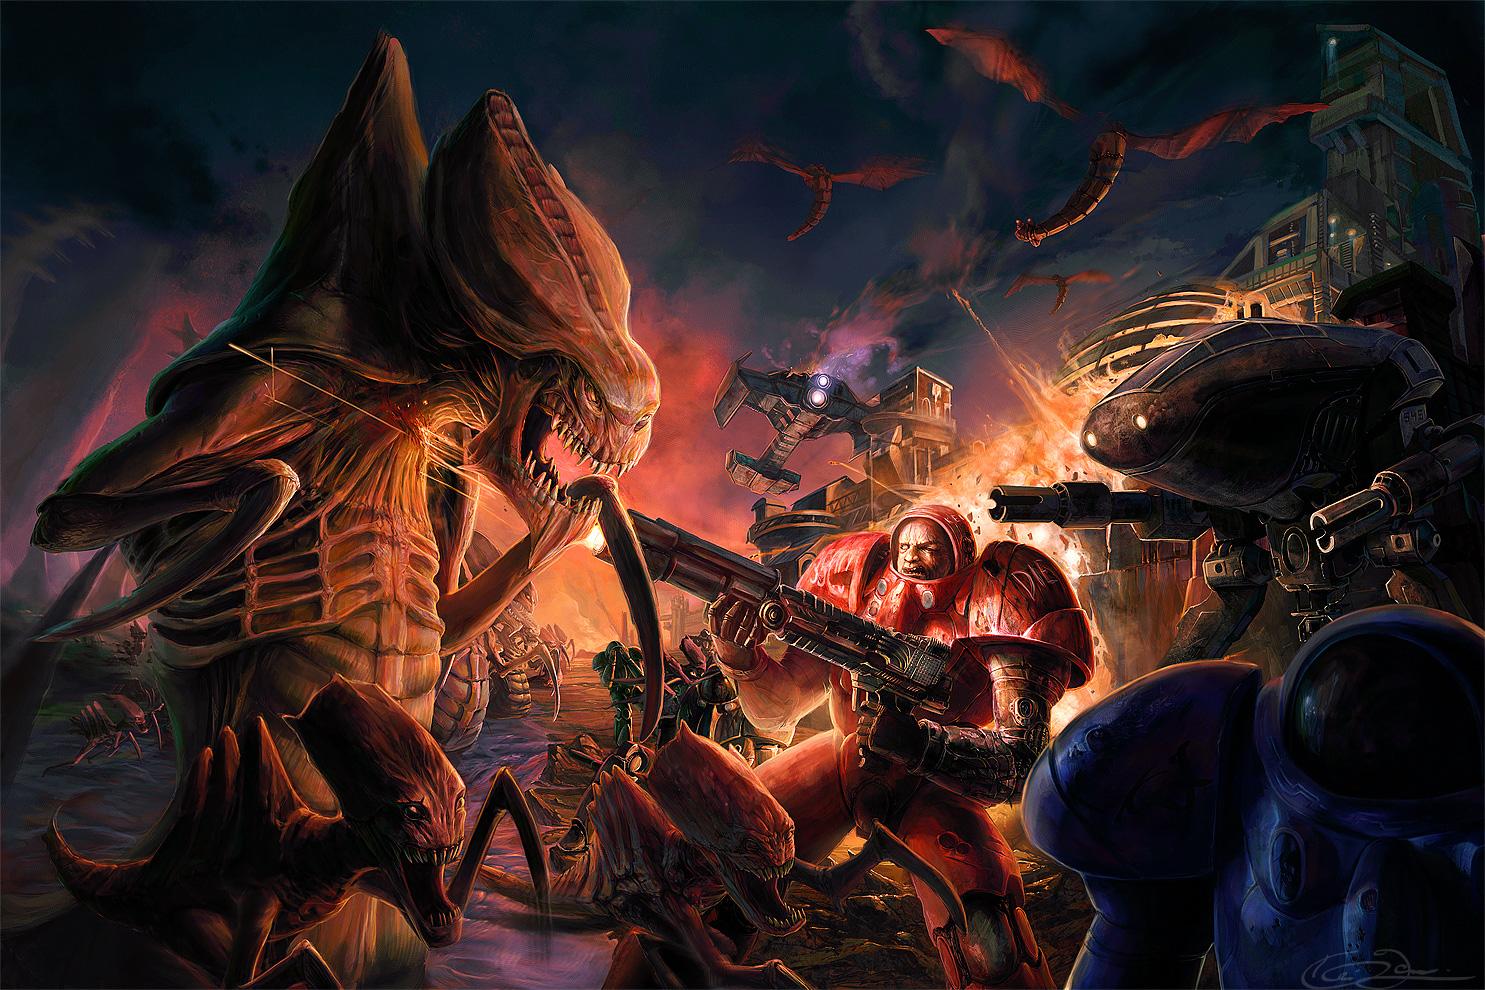 space marines vs zerg